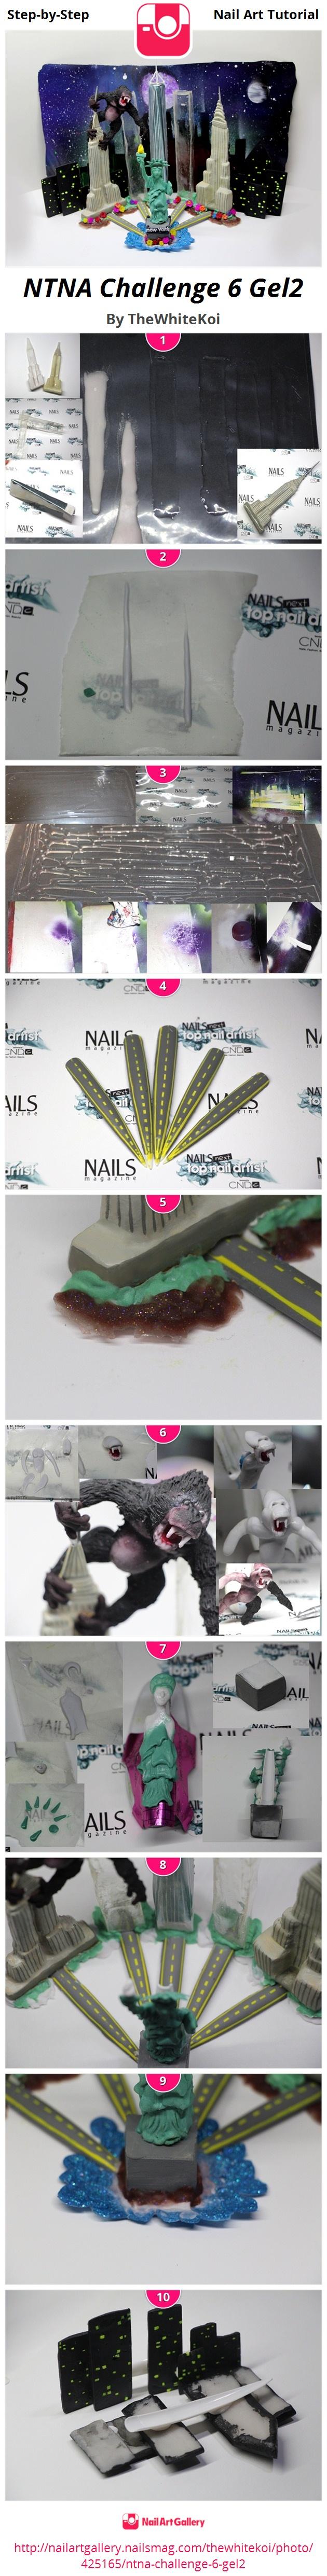 NTNA Challenge 6 Gel2 - Nail Art Gallery